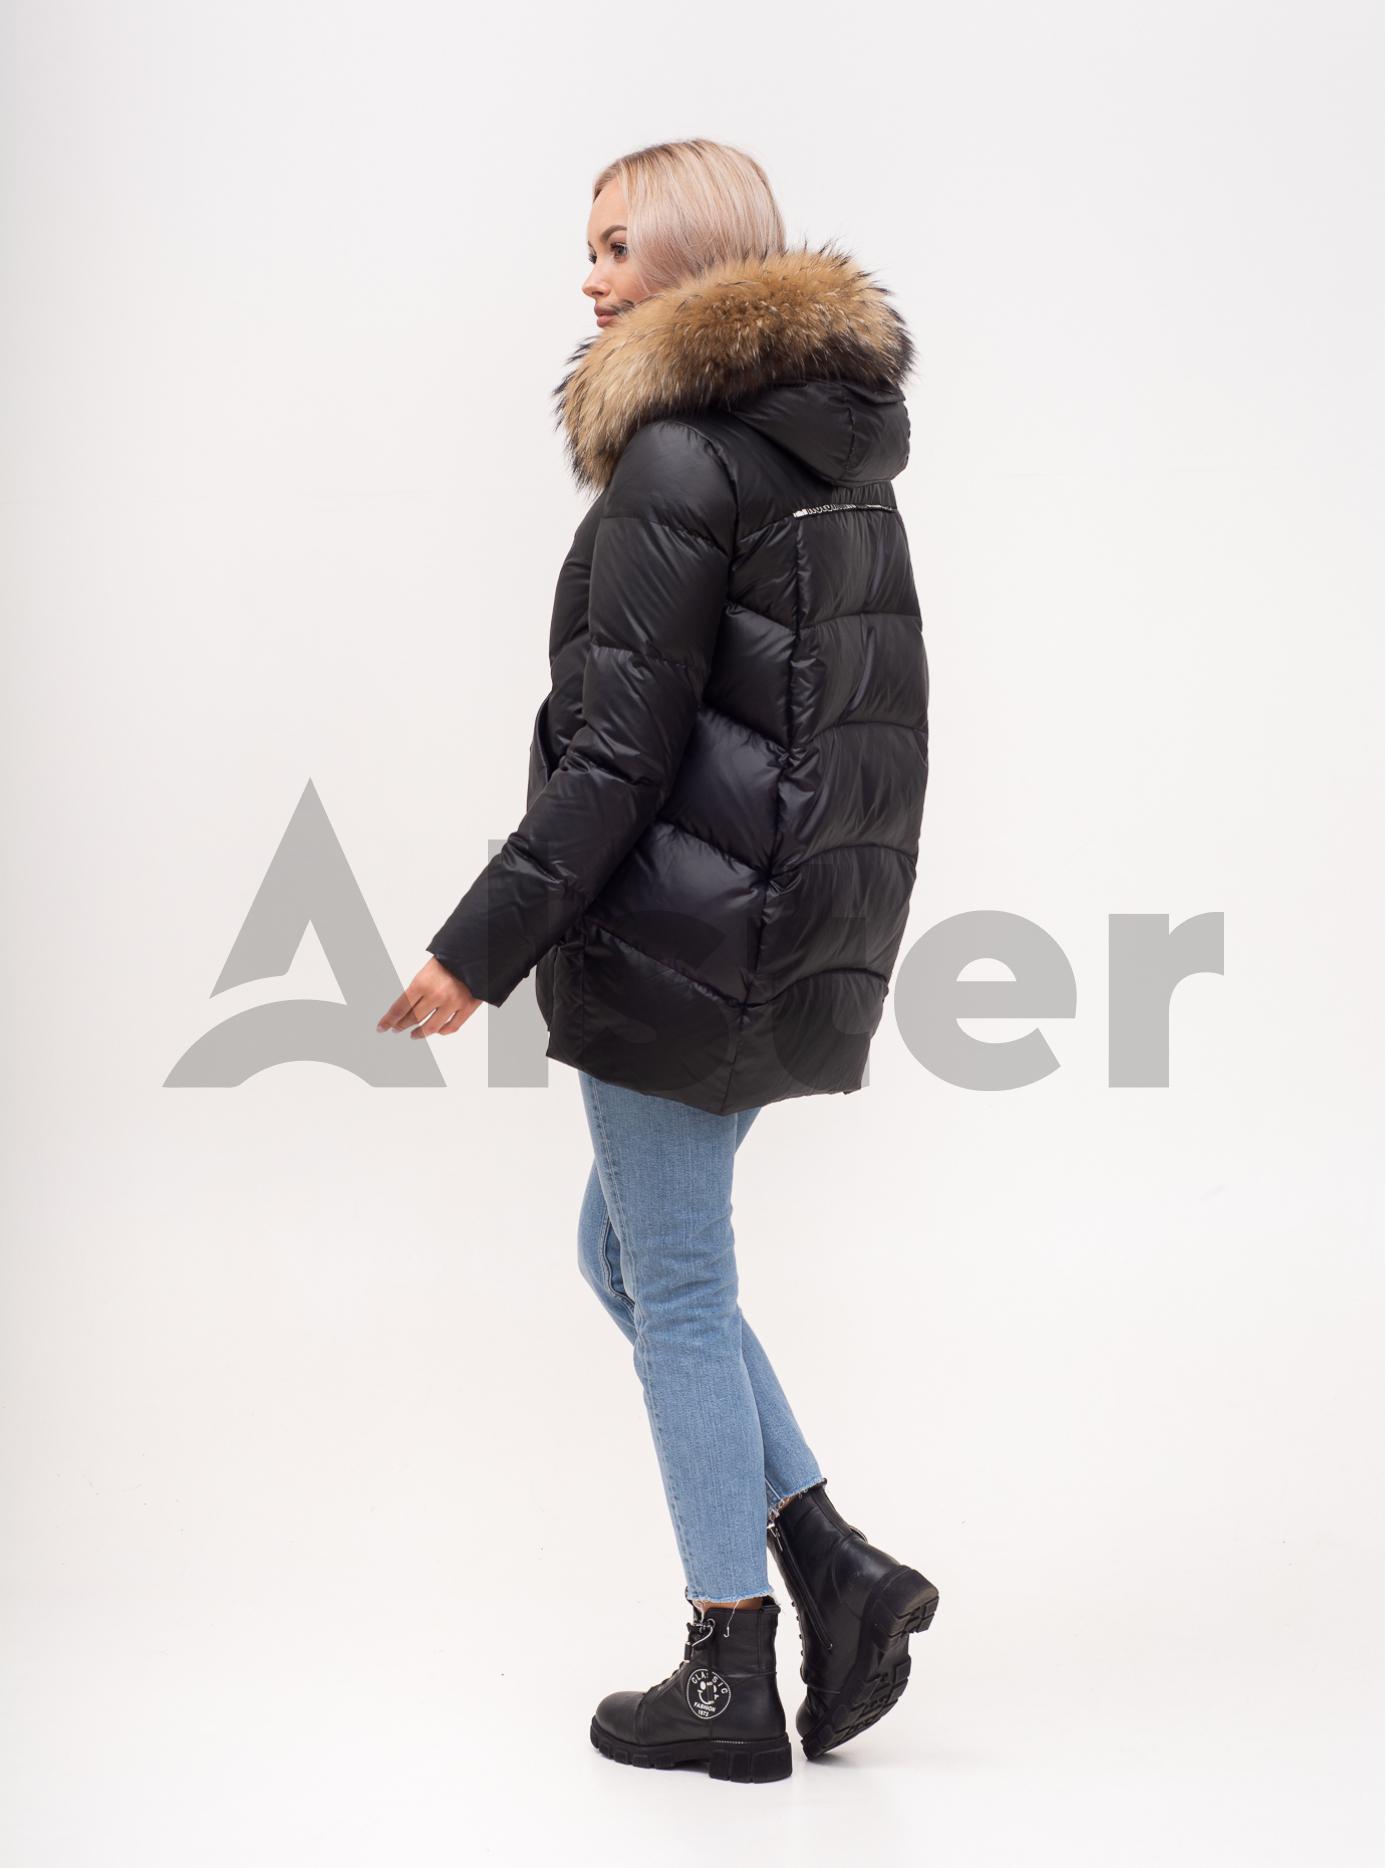 Пуховик зимний средней длины с мехом енота Чёрный S (01-N200401): фото - Alster.ua